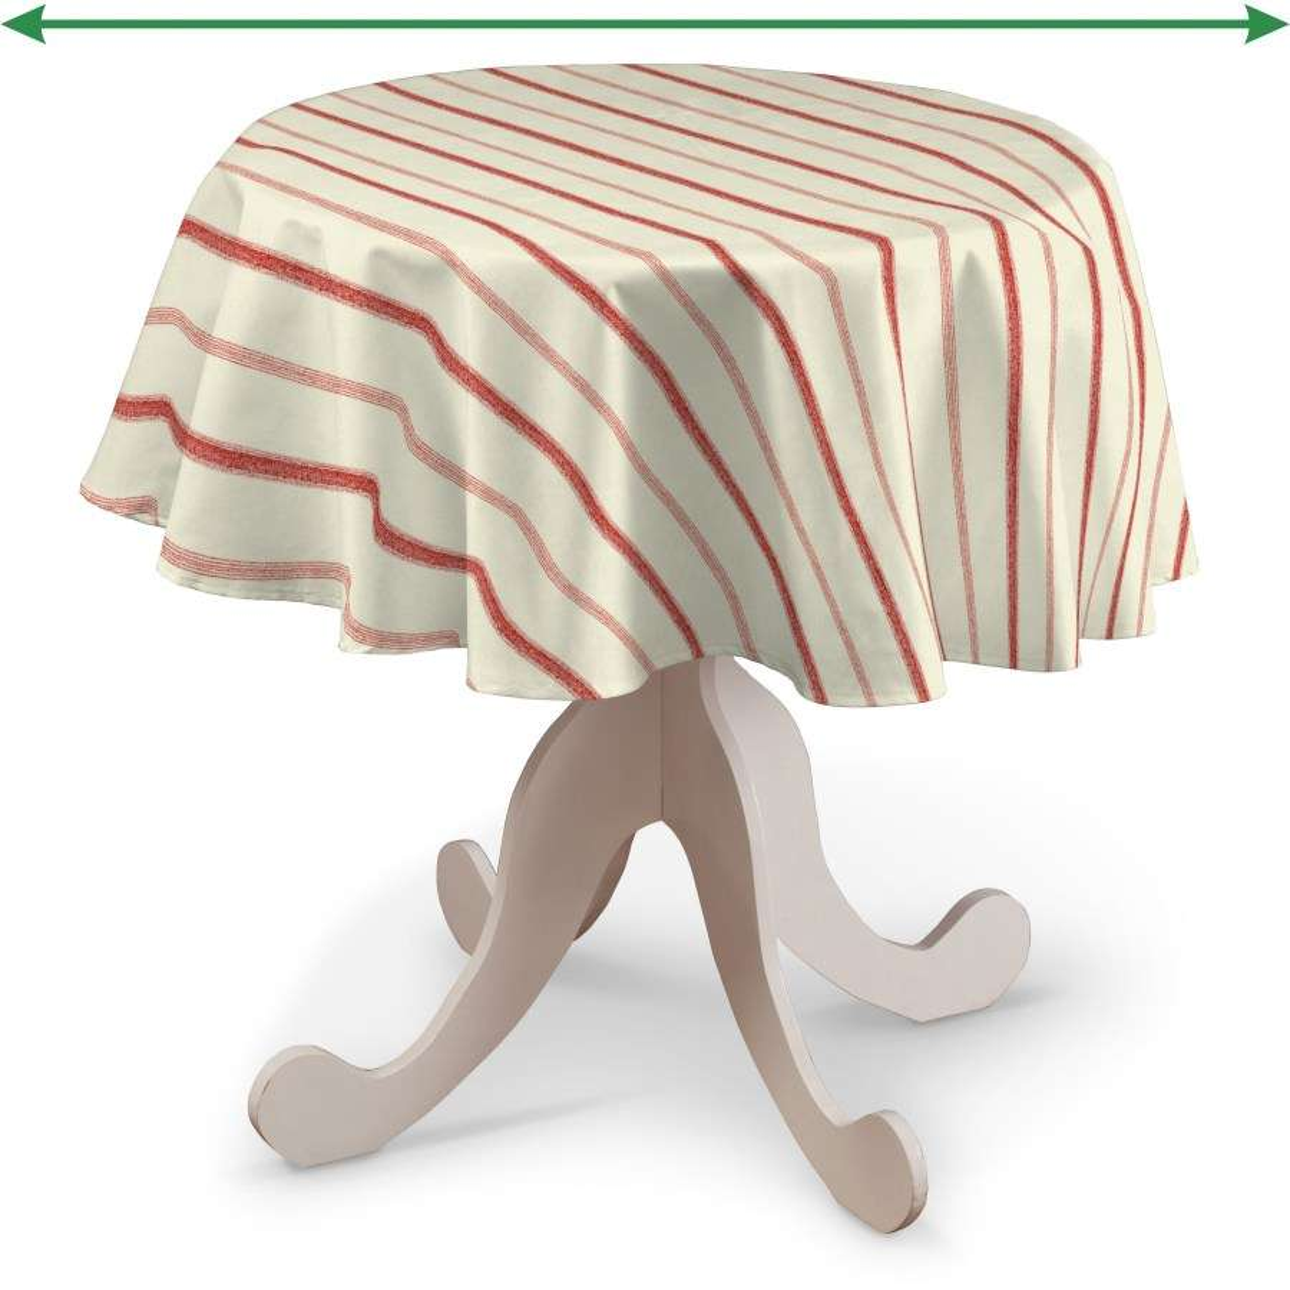 Staltiesės (apvaliam stalui) kolekcijoje Avinon, audinys: 129-15